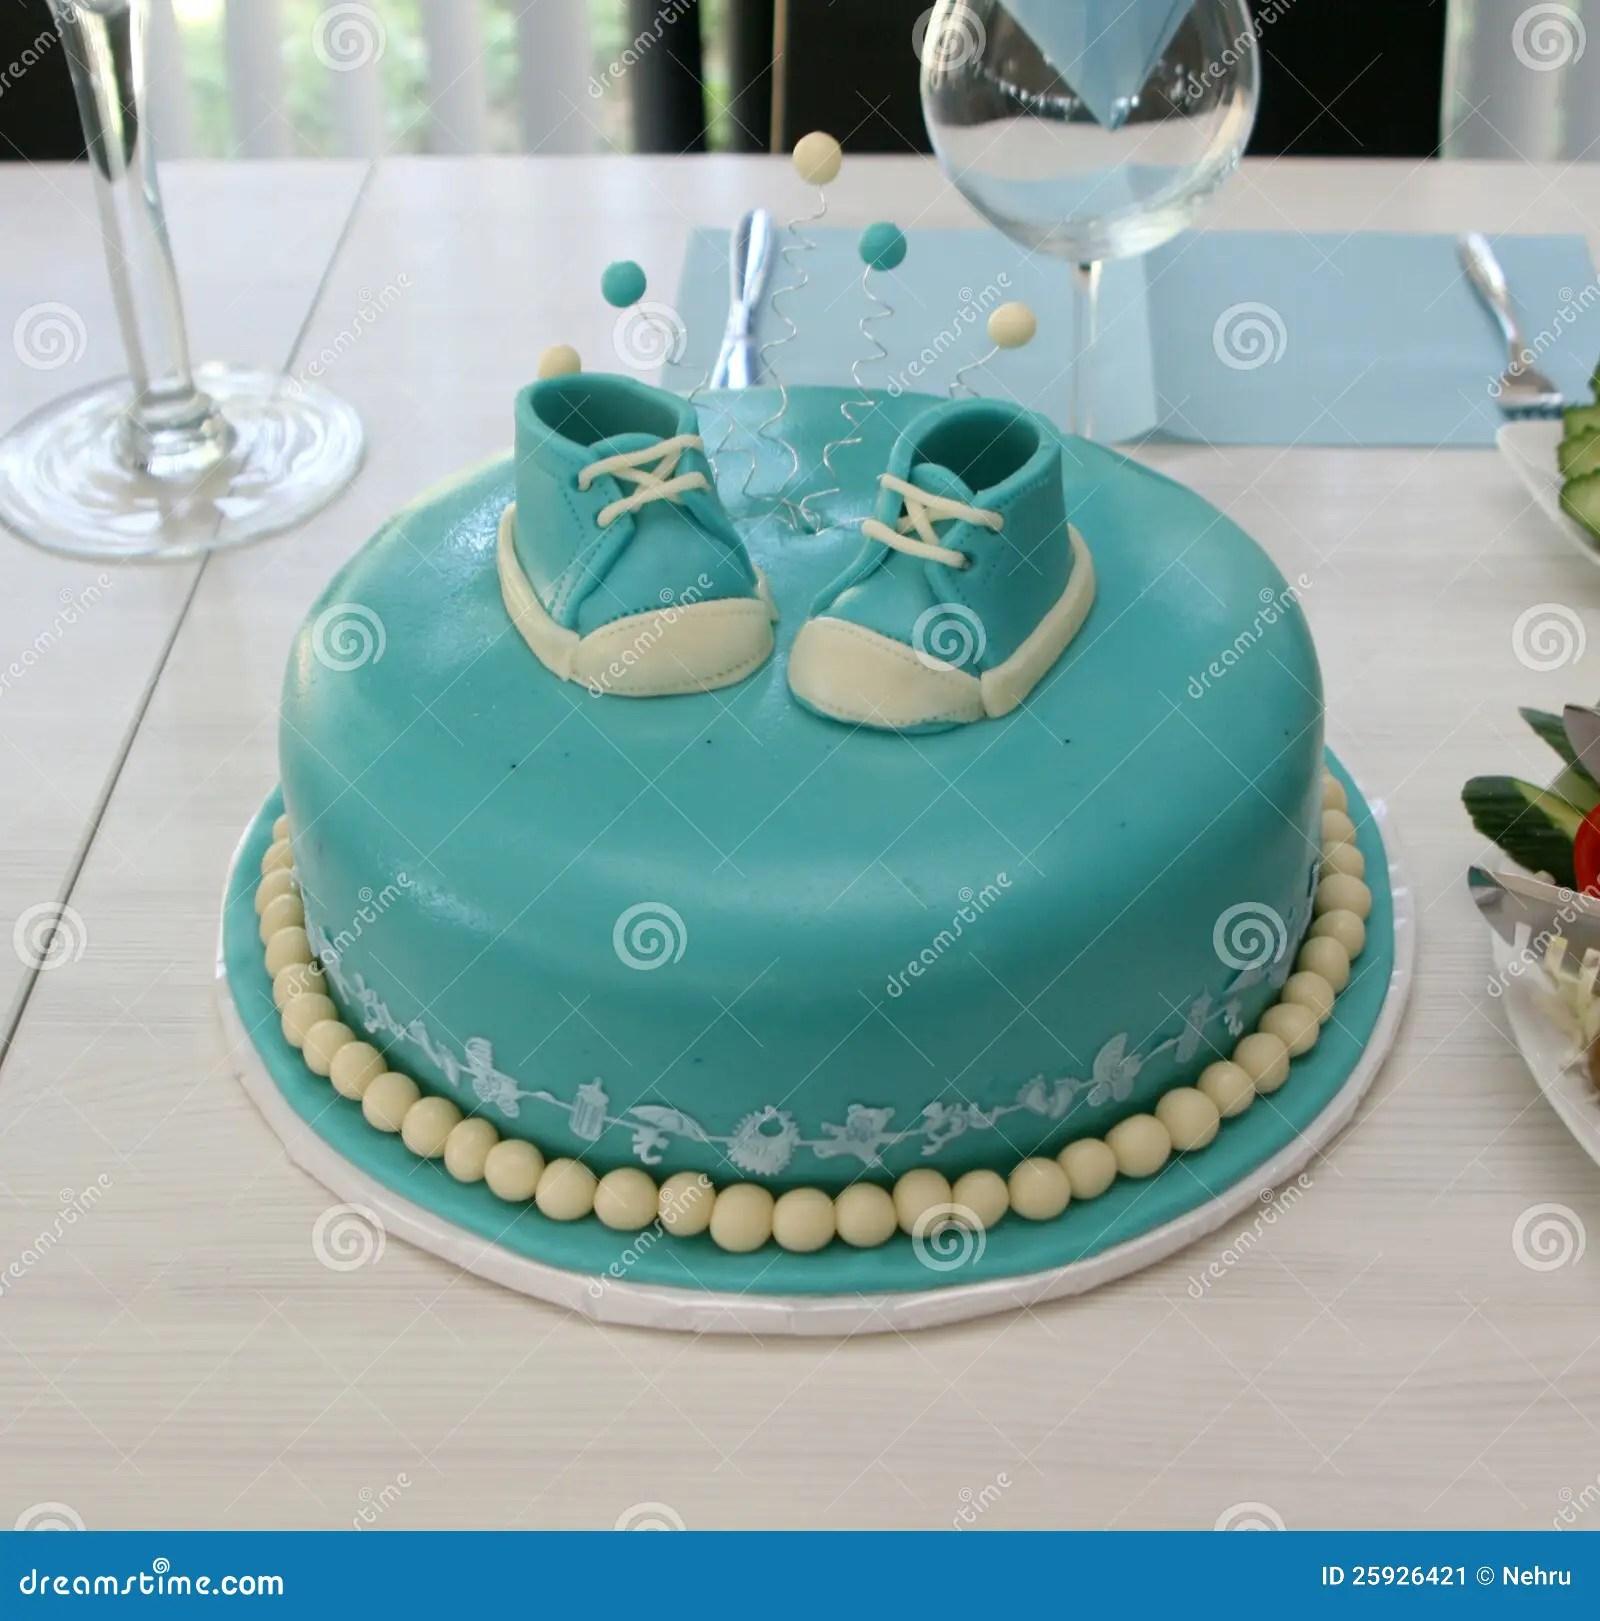 Baby Boy Birthday Cake Stock Image Image Of Celebration 25926421